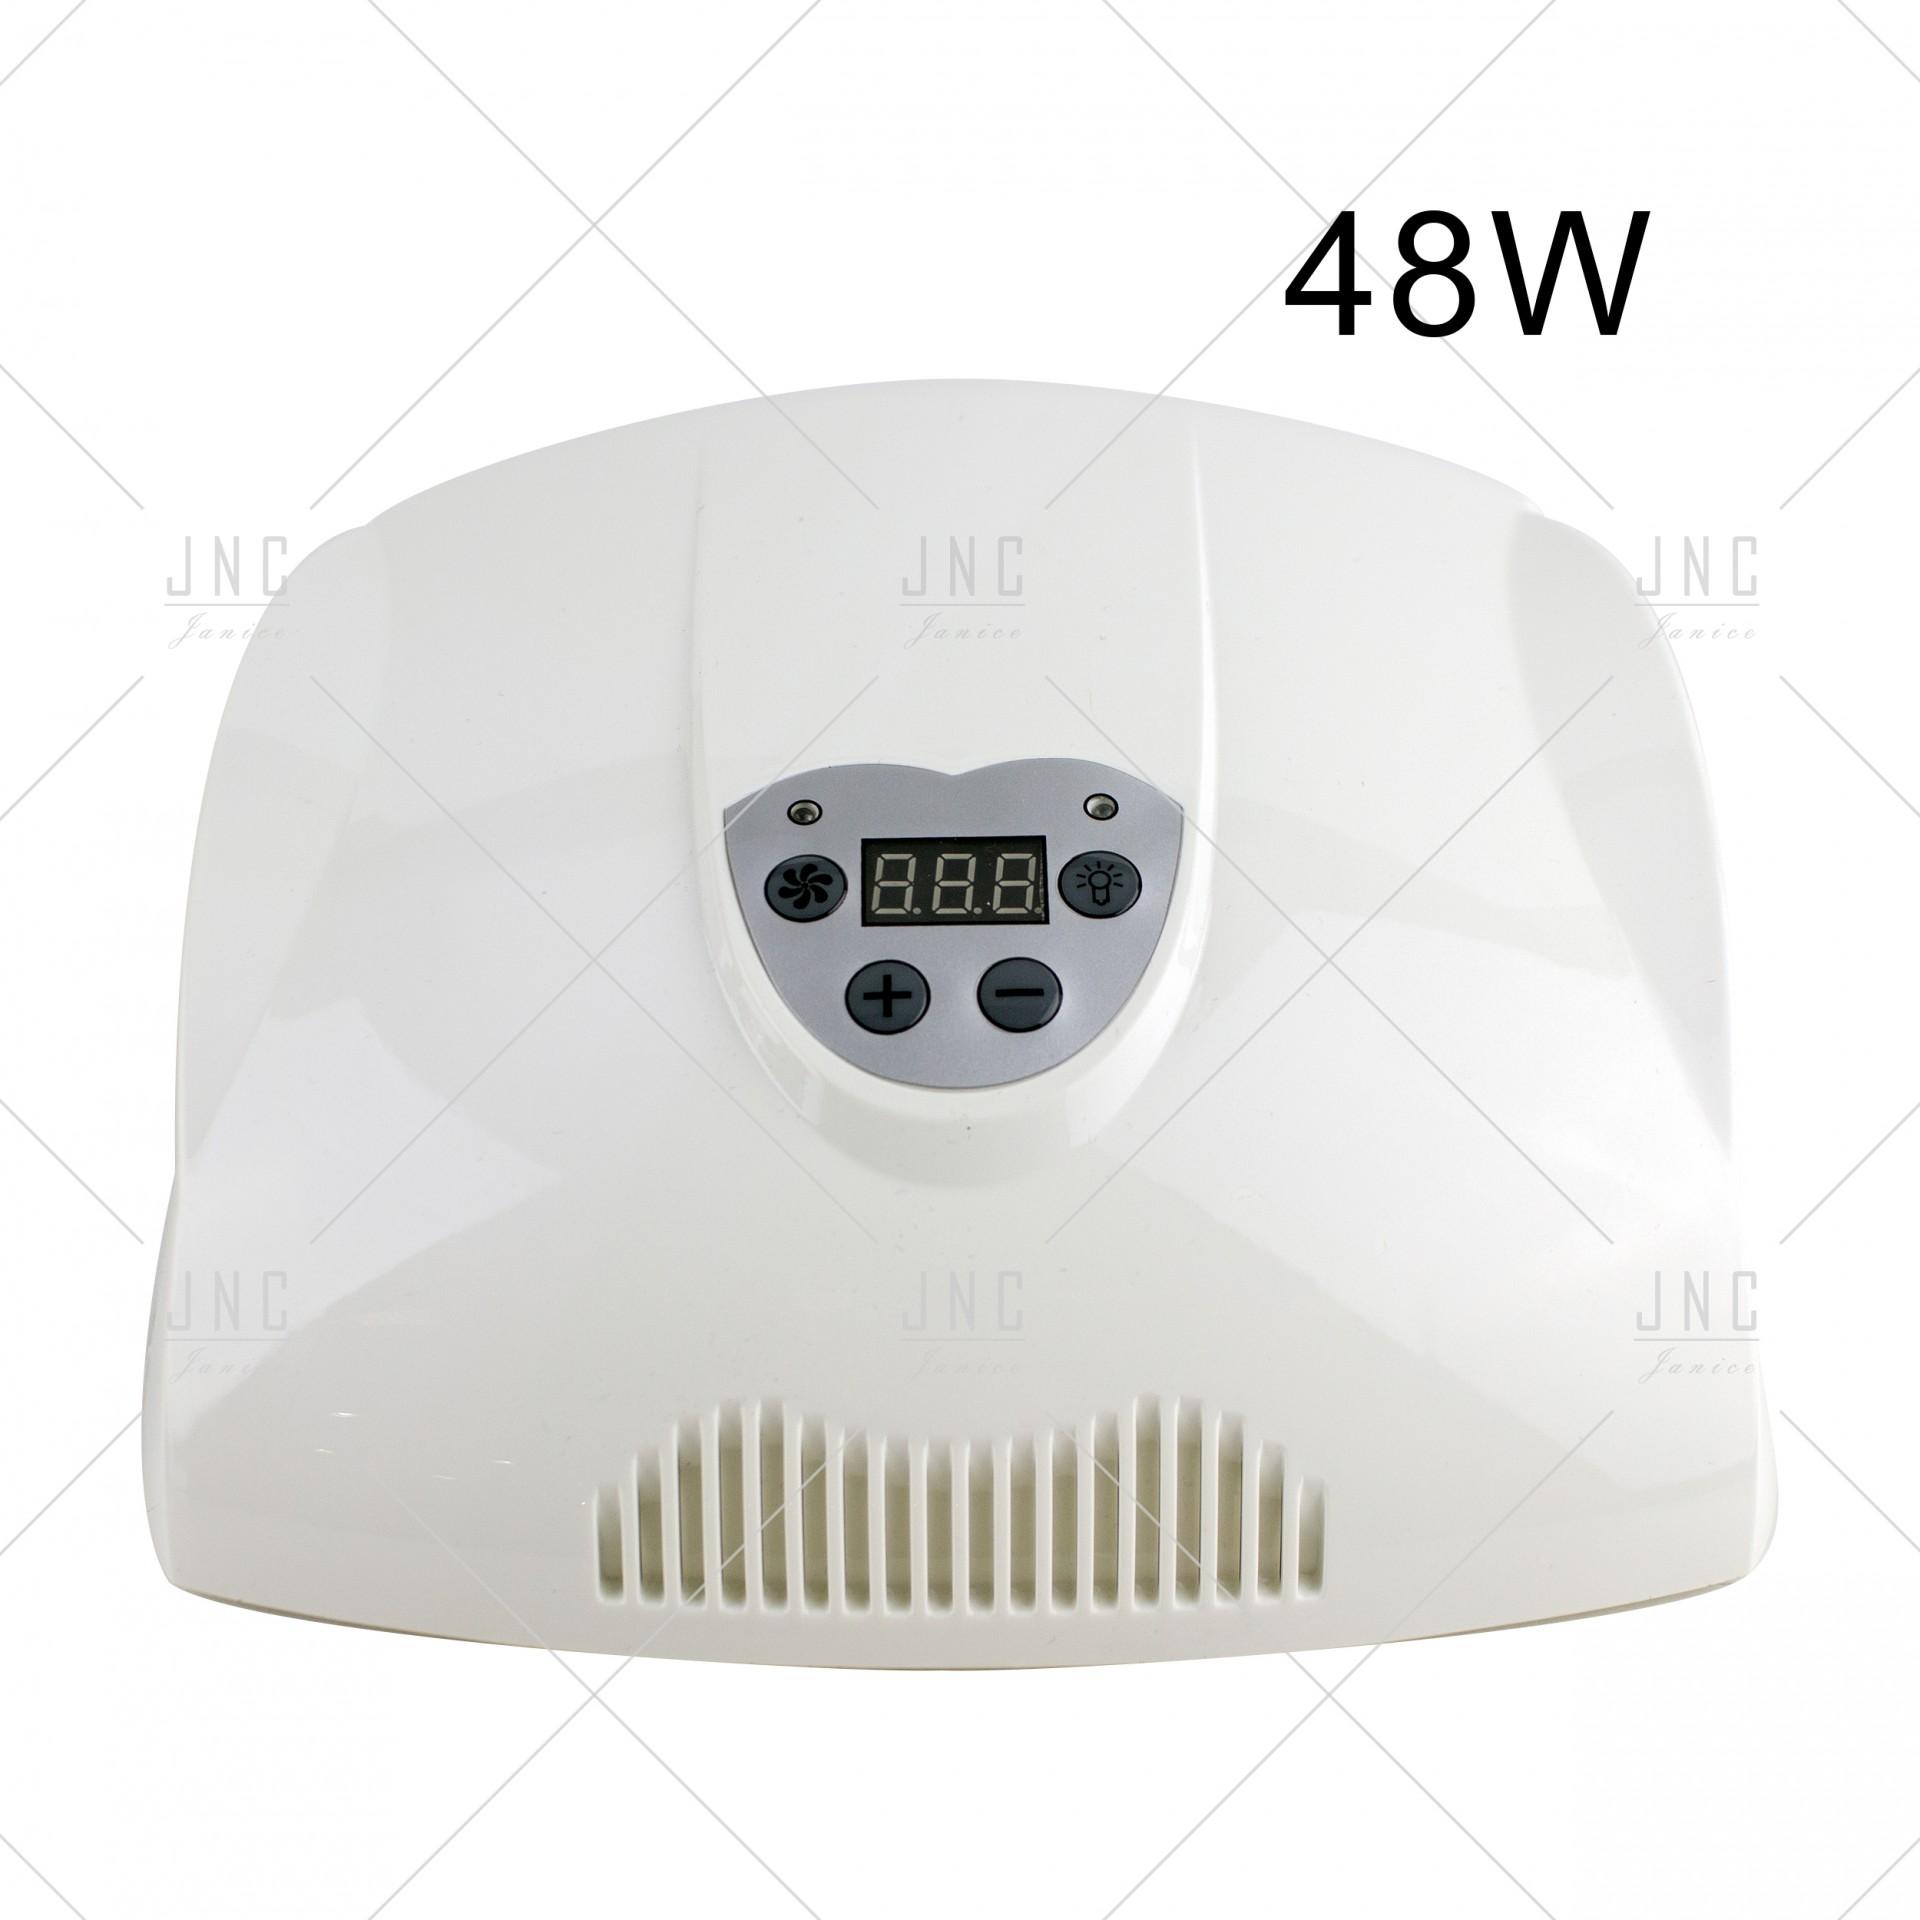 Catalisador CCFL + LED UV 48W | Ref.8860754